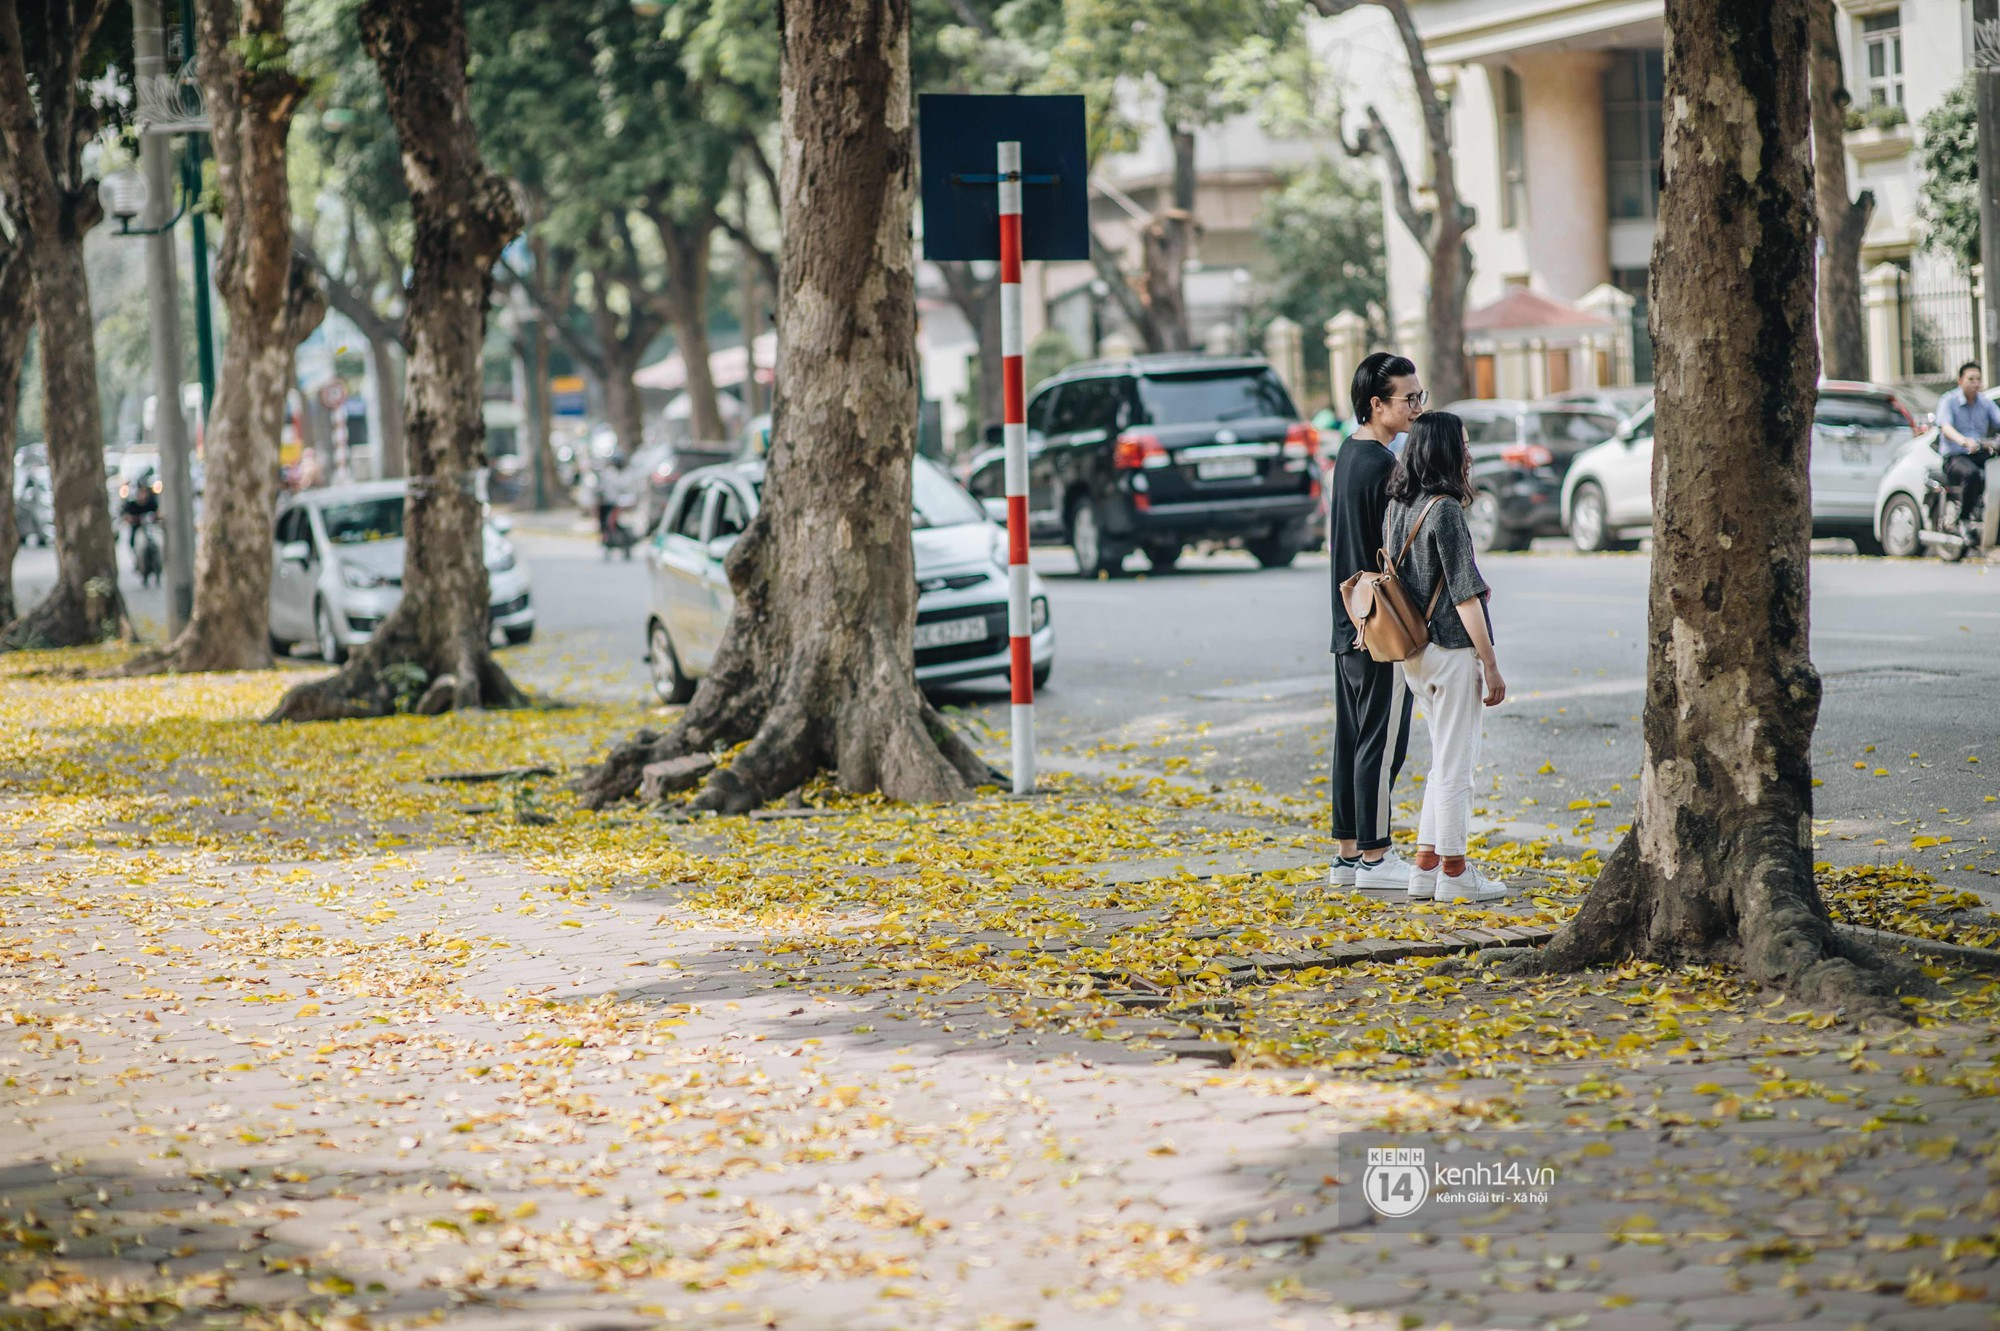 Hà Nội mùa lá rụng: Khi mọi thứ bỗng trở nên đẹp hoàn hảo như một thước phim! - Ảnh 8.